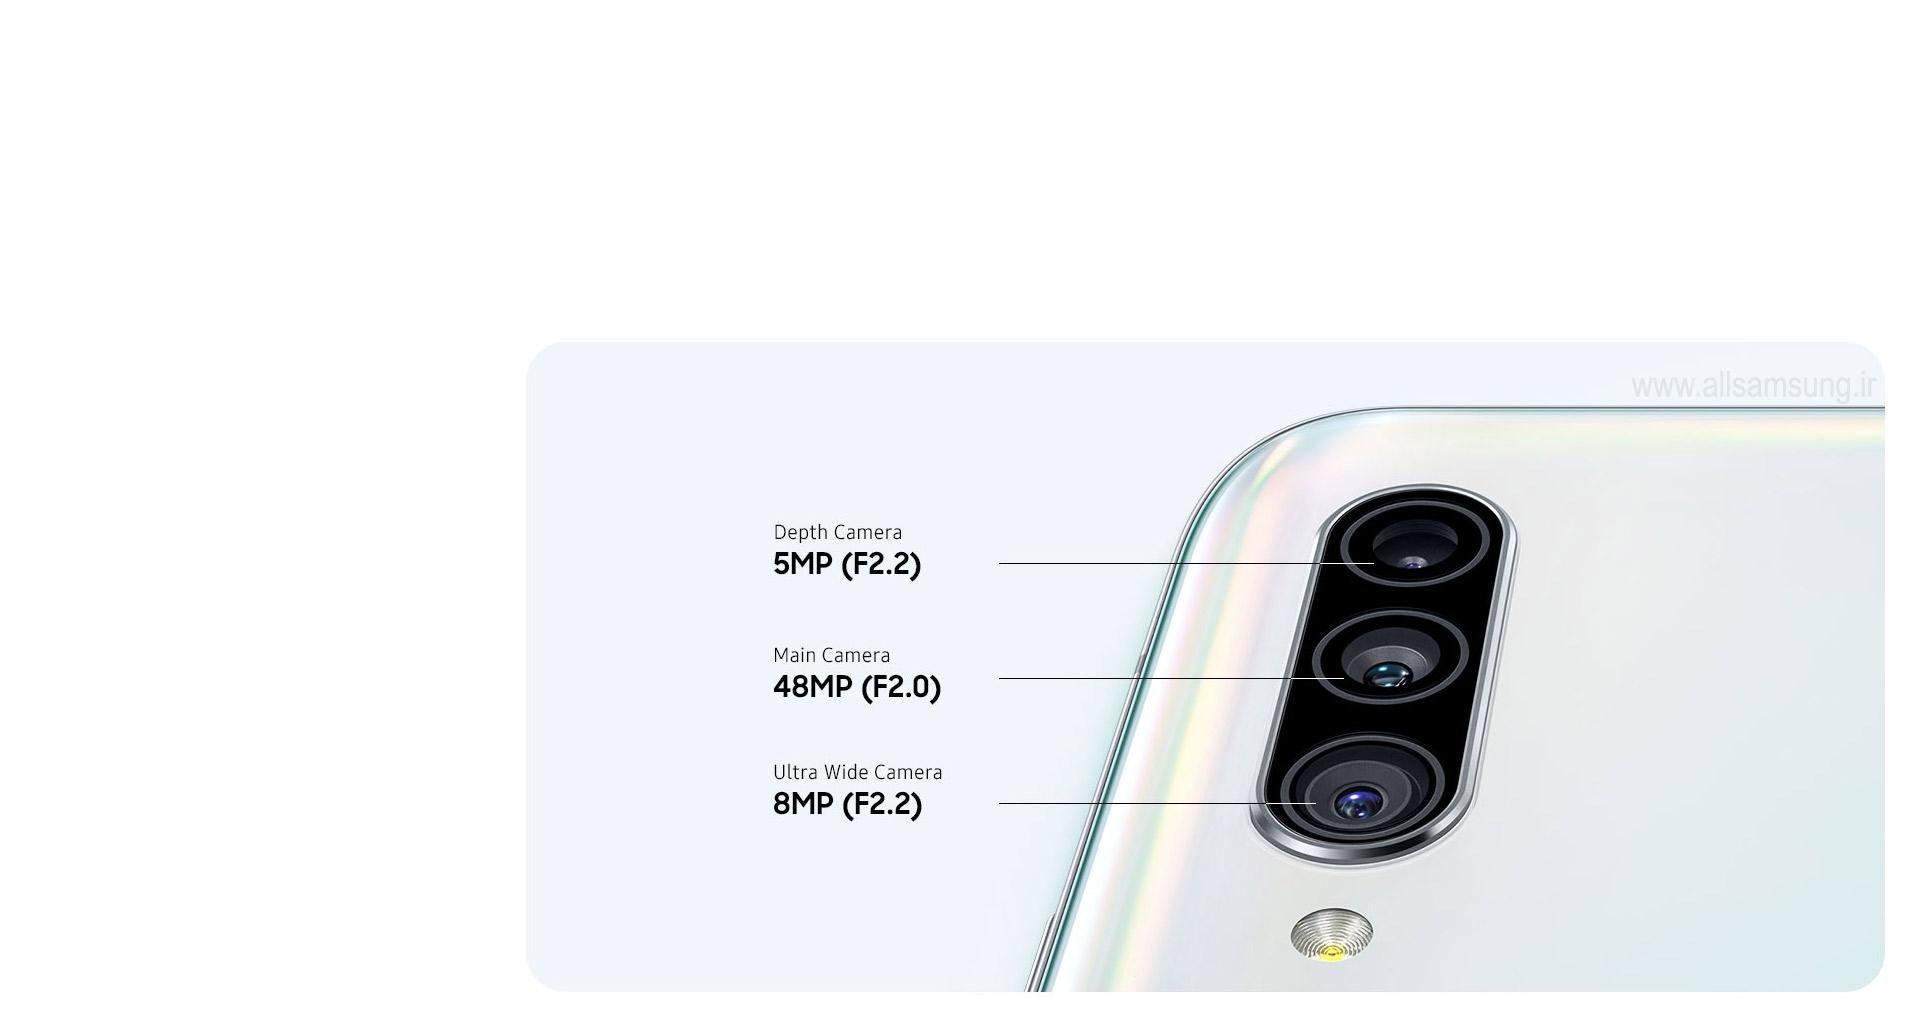 سیستم دوربین سه گانه گوشی A90 برای ثبت تصاویر و به اشتراک گذاری آنها